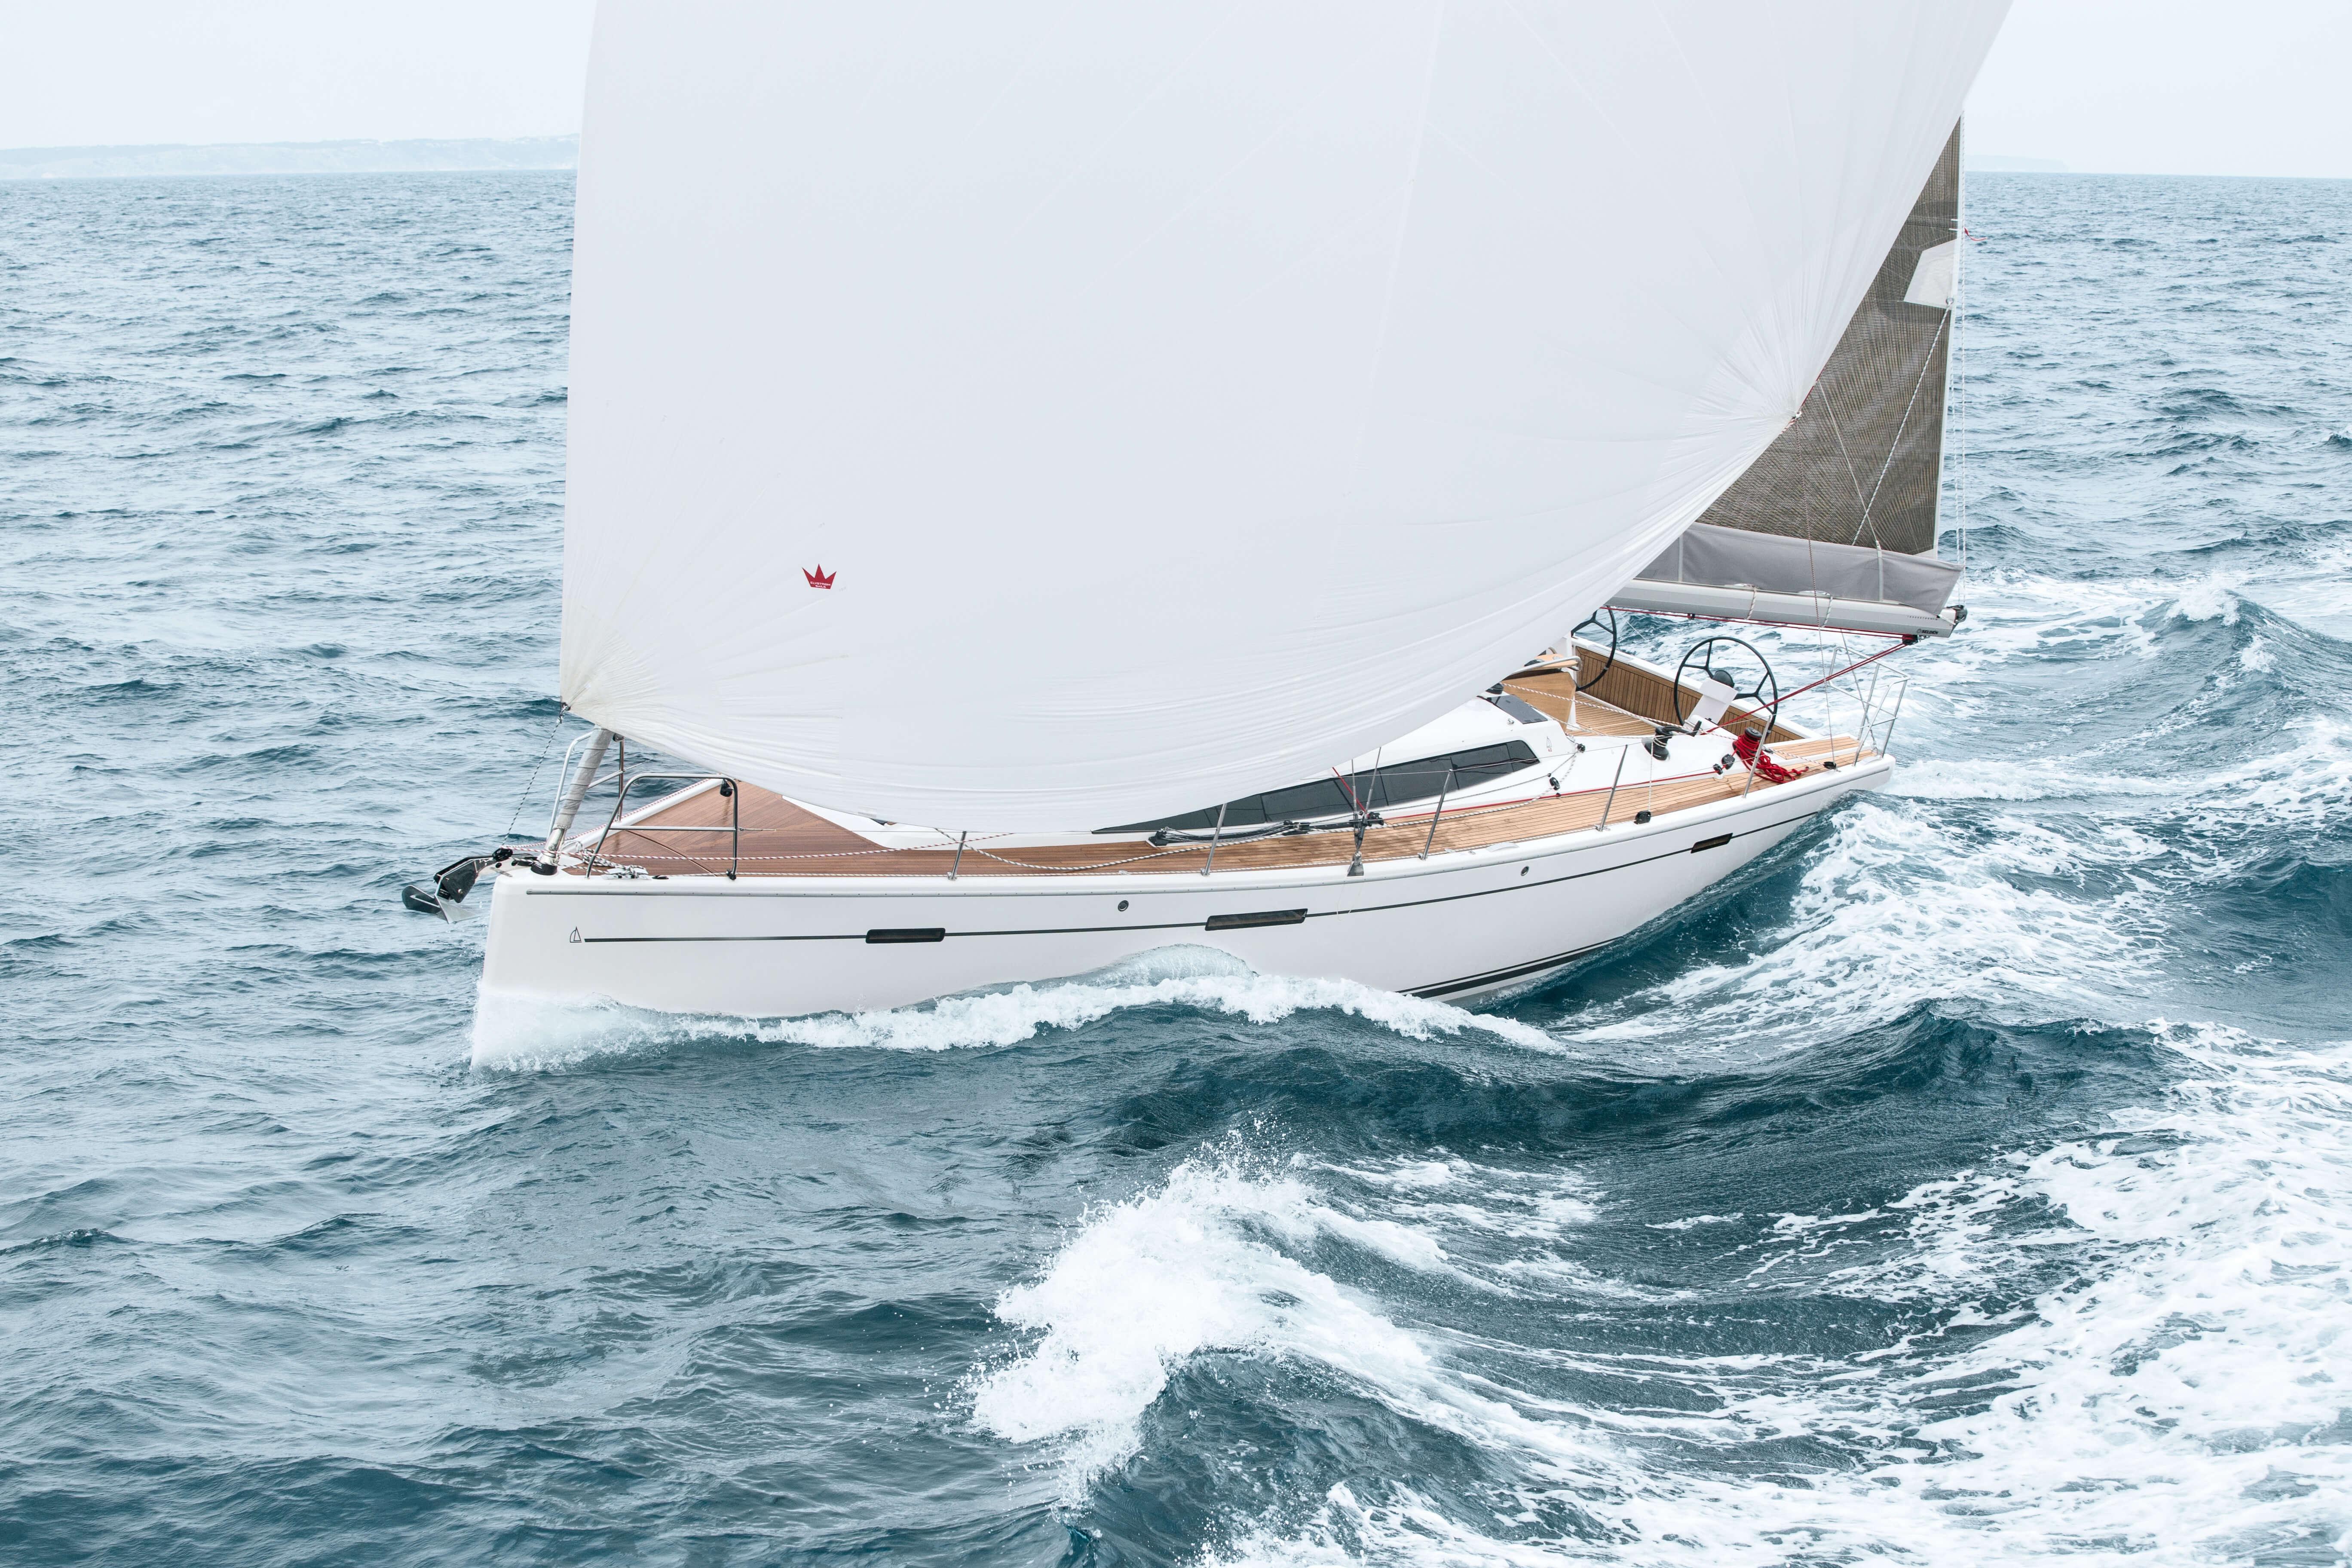 Dehler 42 Exterior Sailing | Dehler 42_Segeln_11_0516_034.jpg | Dehler